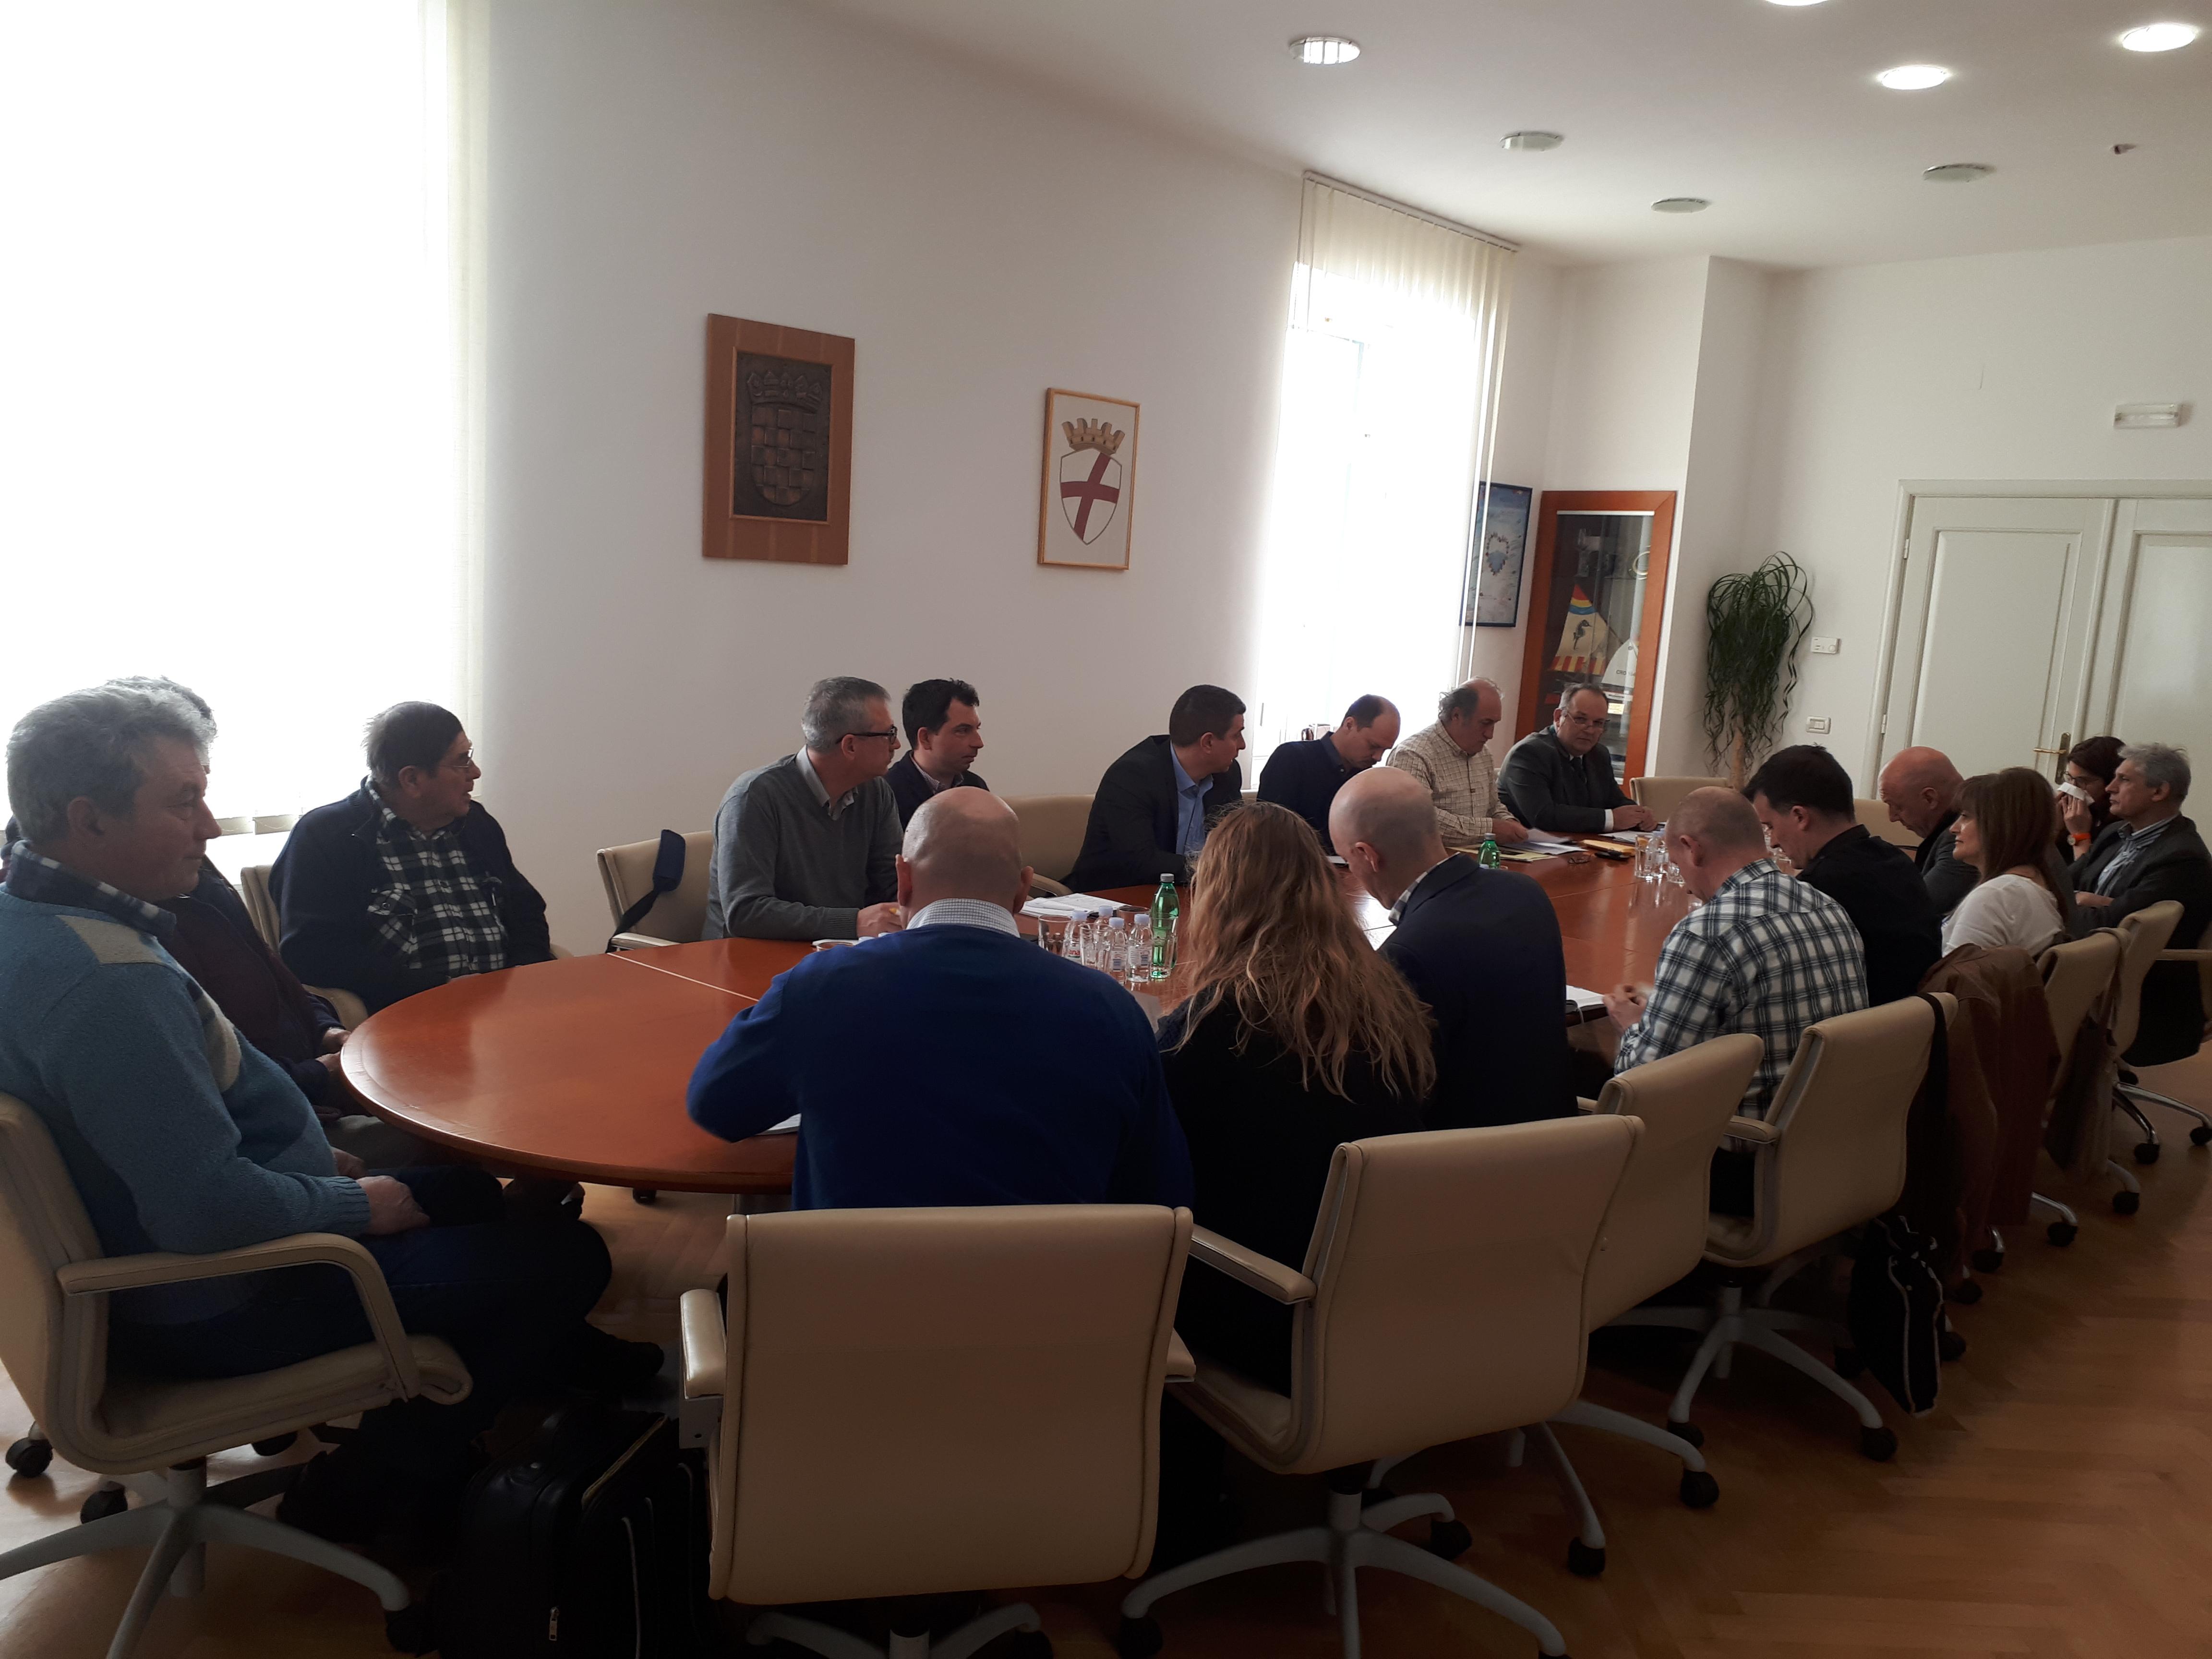 Il sindaco Paliaga ha tenuto la riunione sul tema dell'aumento del numero di cinghiali nel territorio rovignese